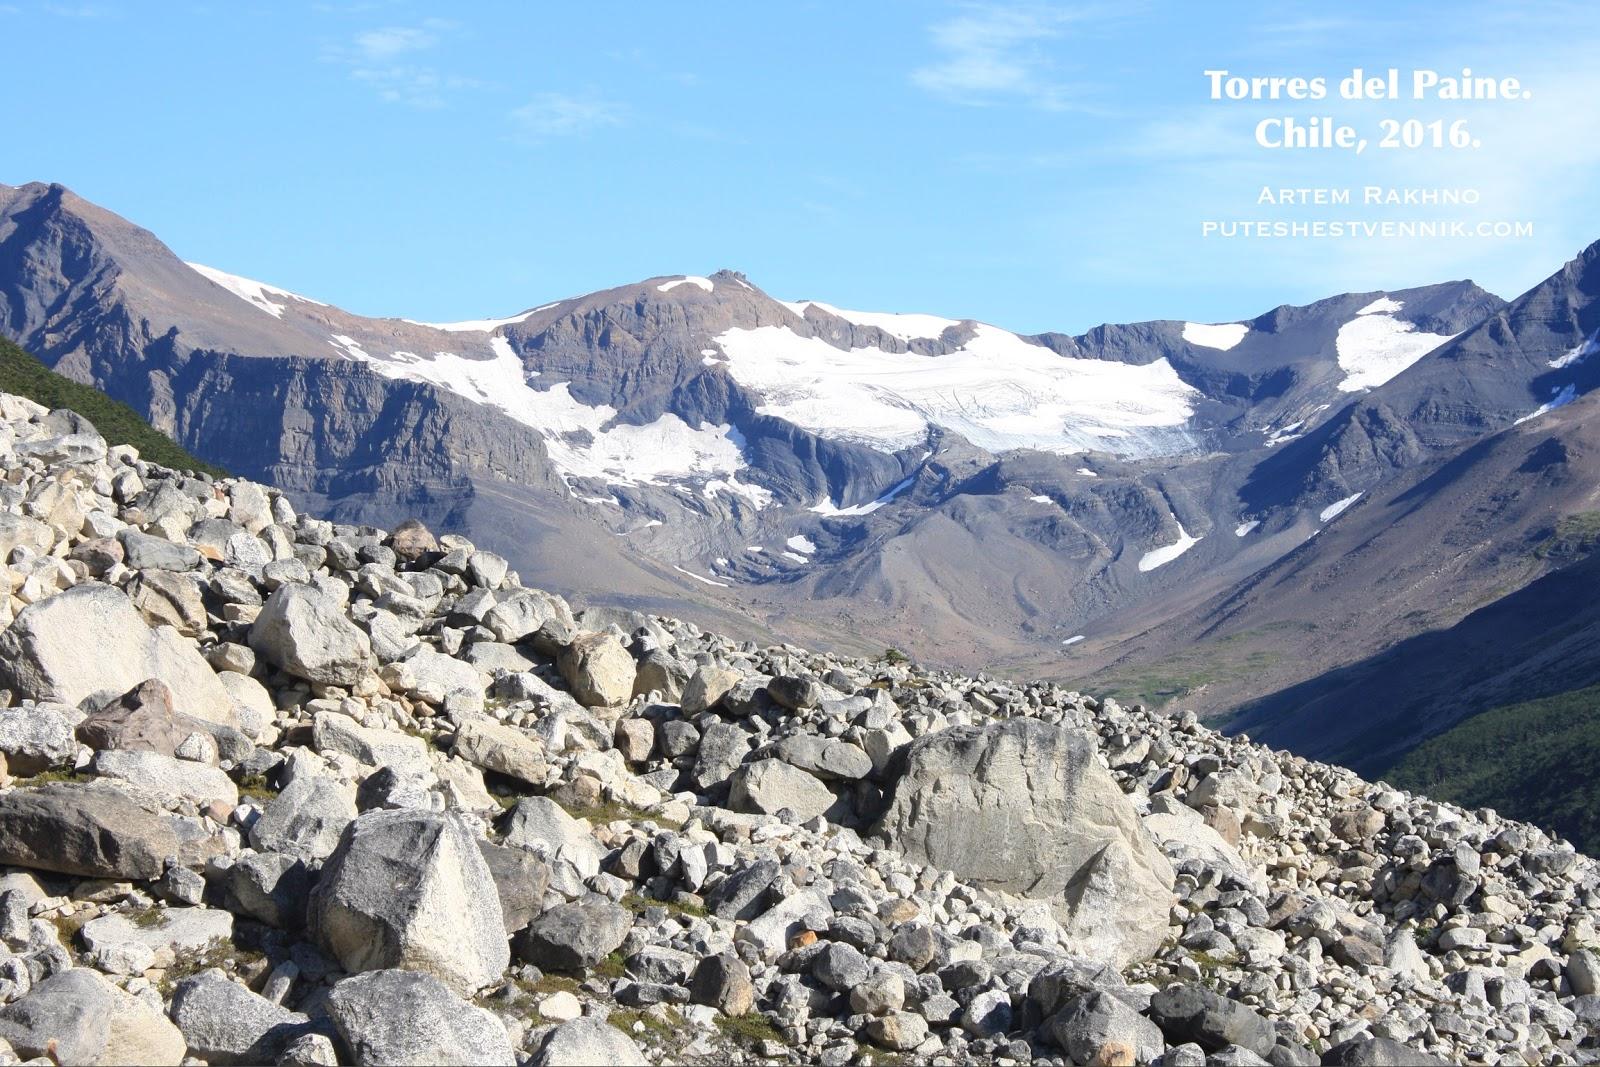 Камни в горах Торрес-дель-Пайне